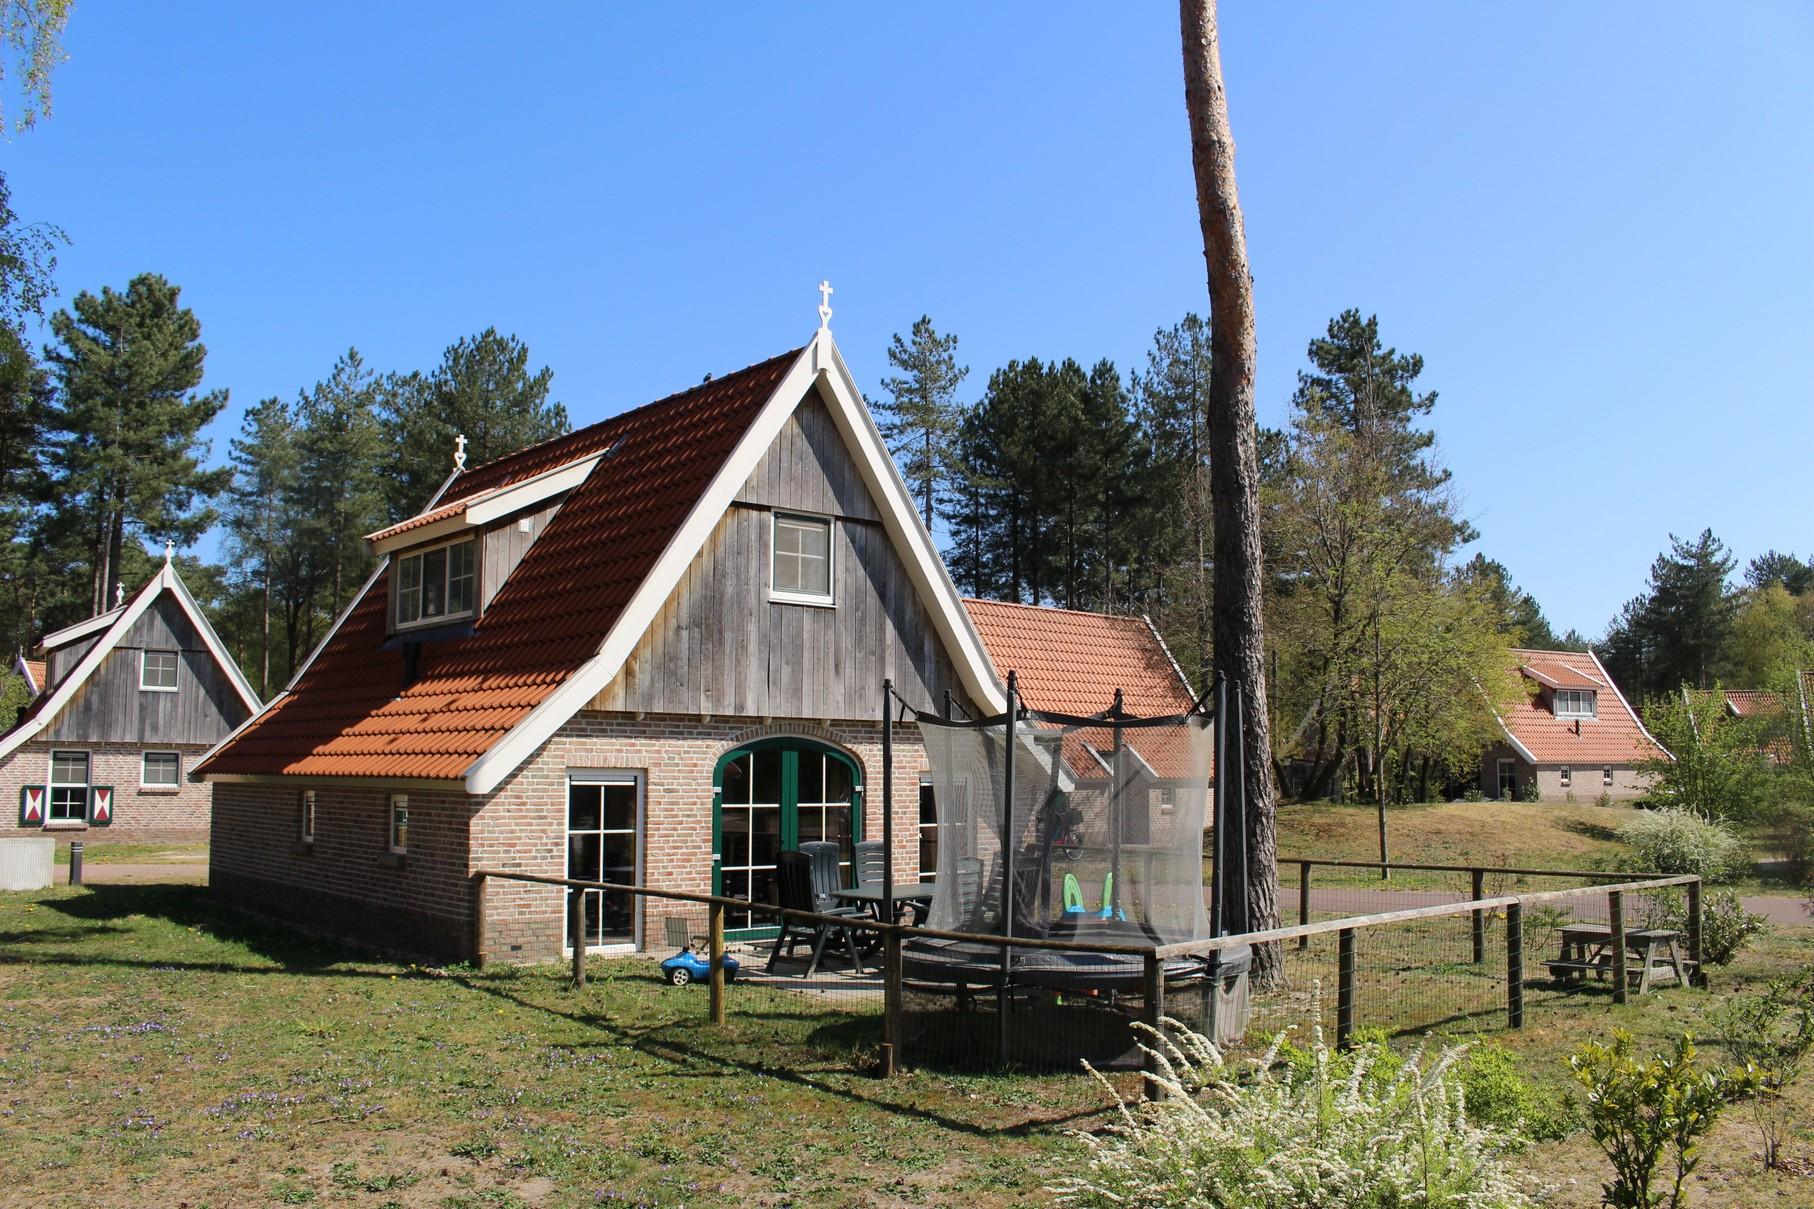 1. Vakantiehuis Landgoed De Hellendoornse Berg nr. 188 - 6-persoons Kinder